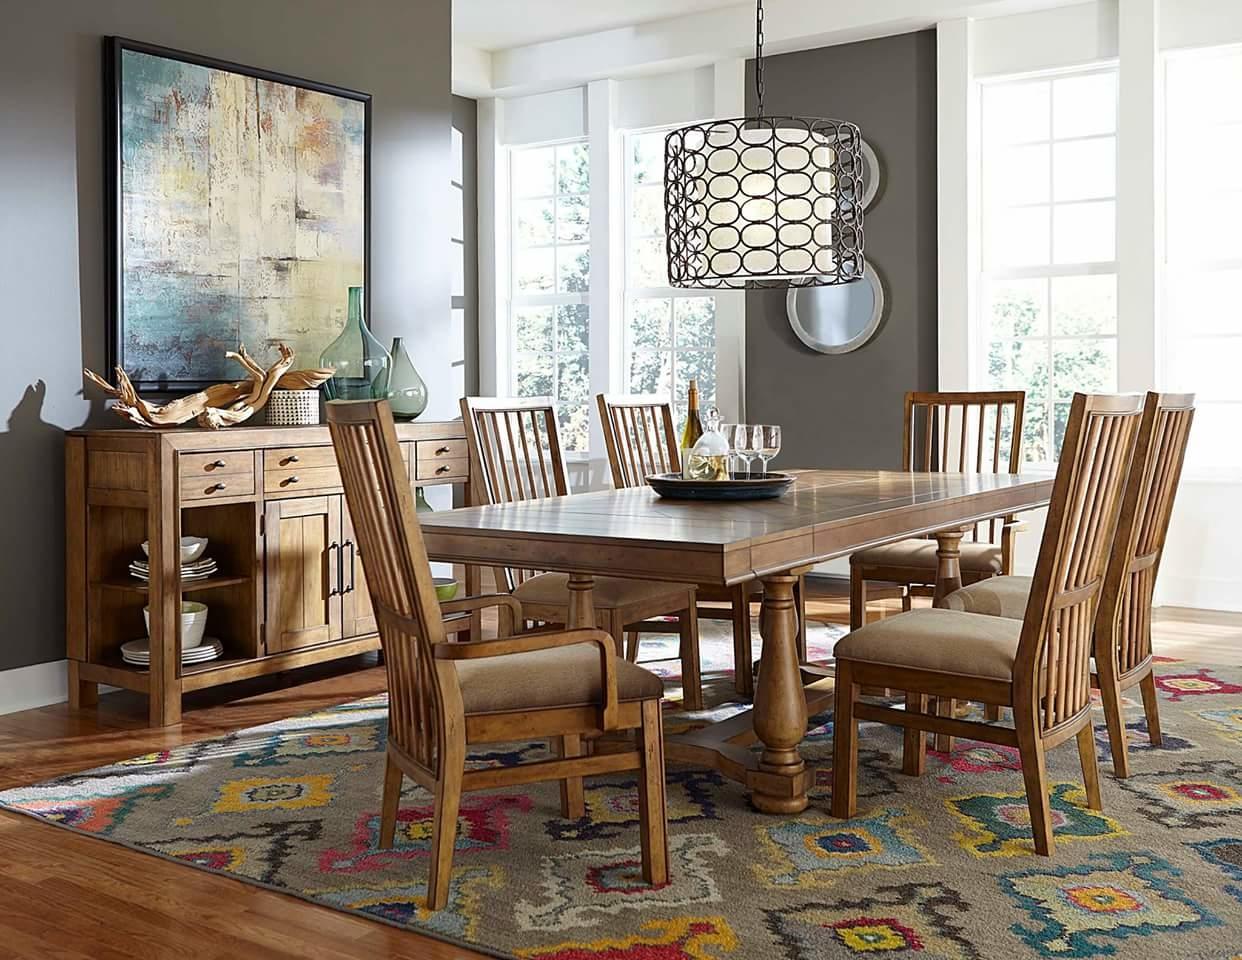 Crest Furniture - Naperville image 1